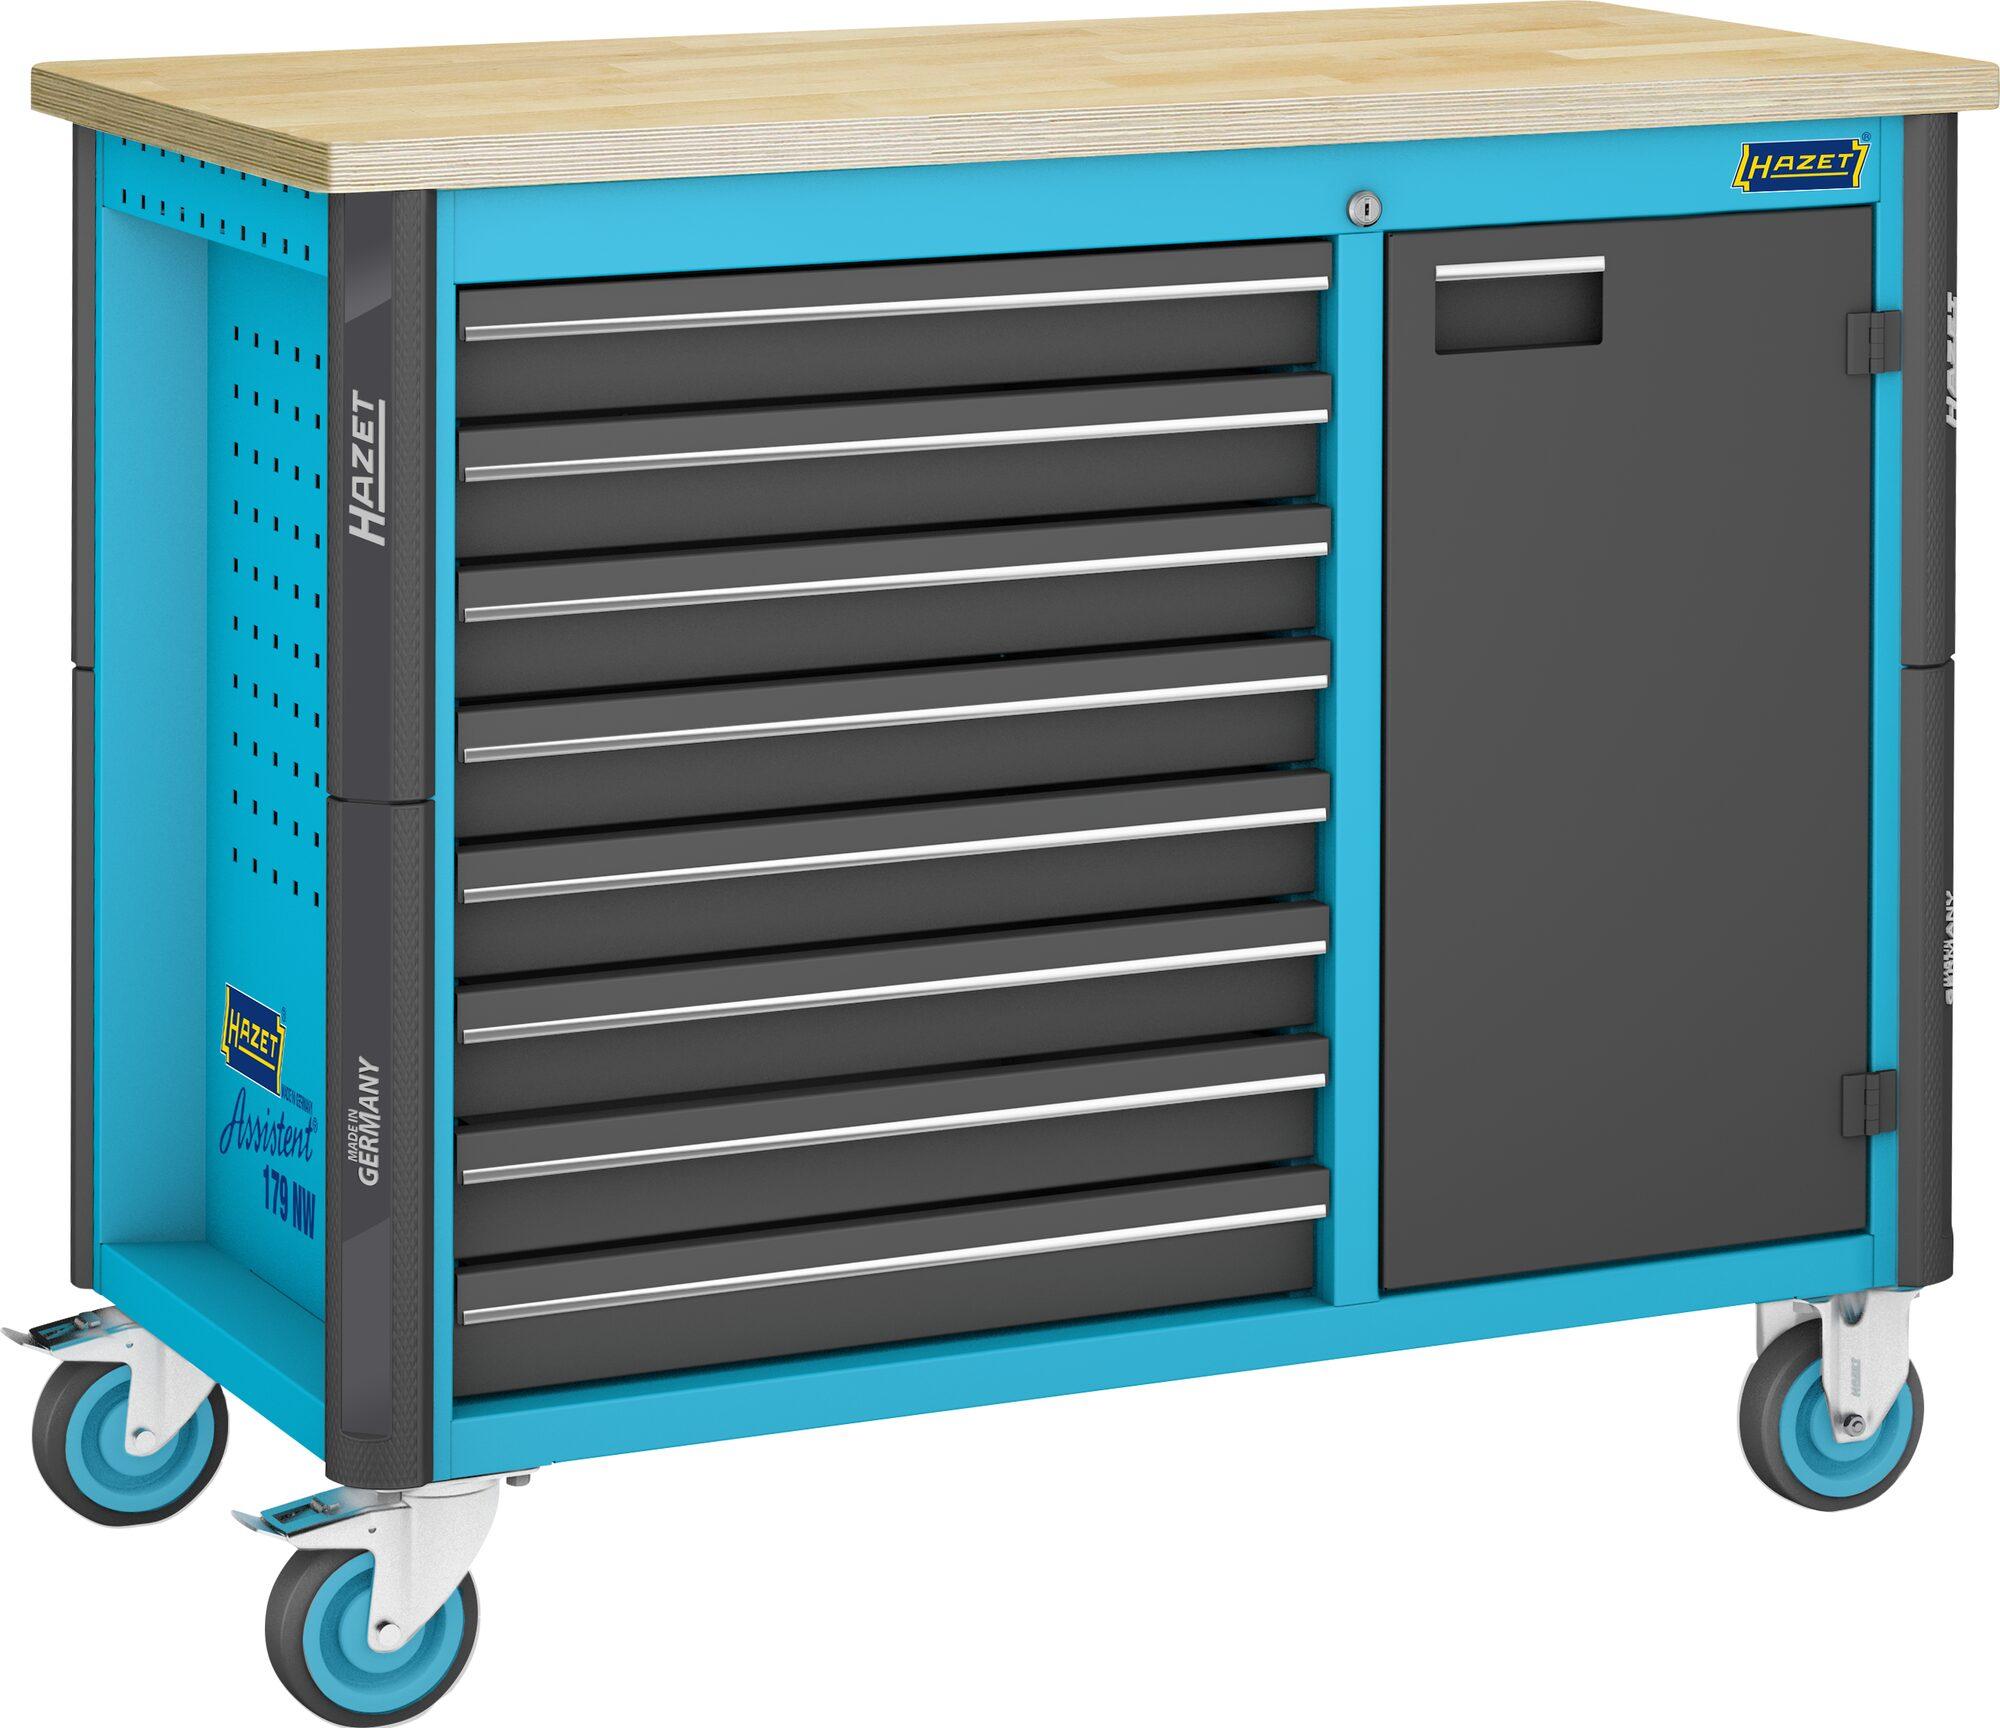 HAZET Fahrbare Werkbank 179NW-8 ∙ Schubladen, flach: 8x 81x522x398 mm